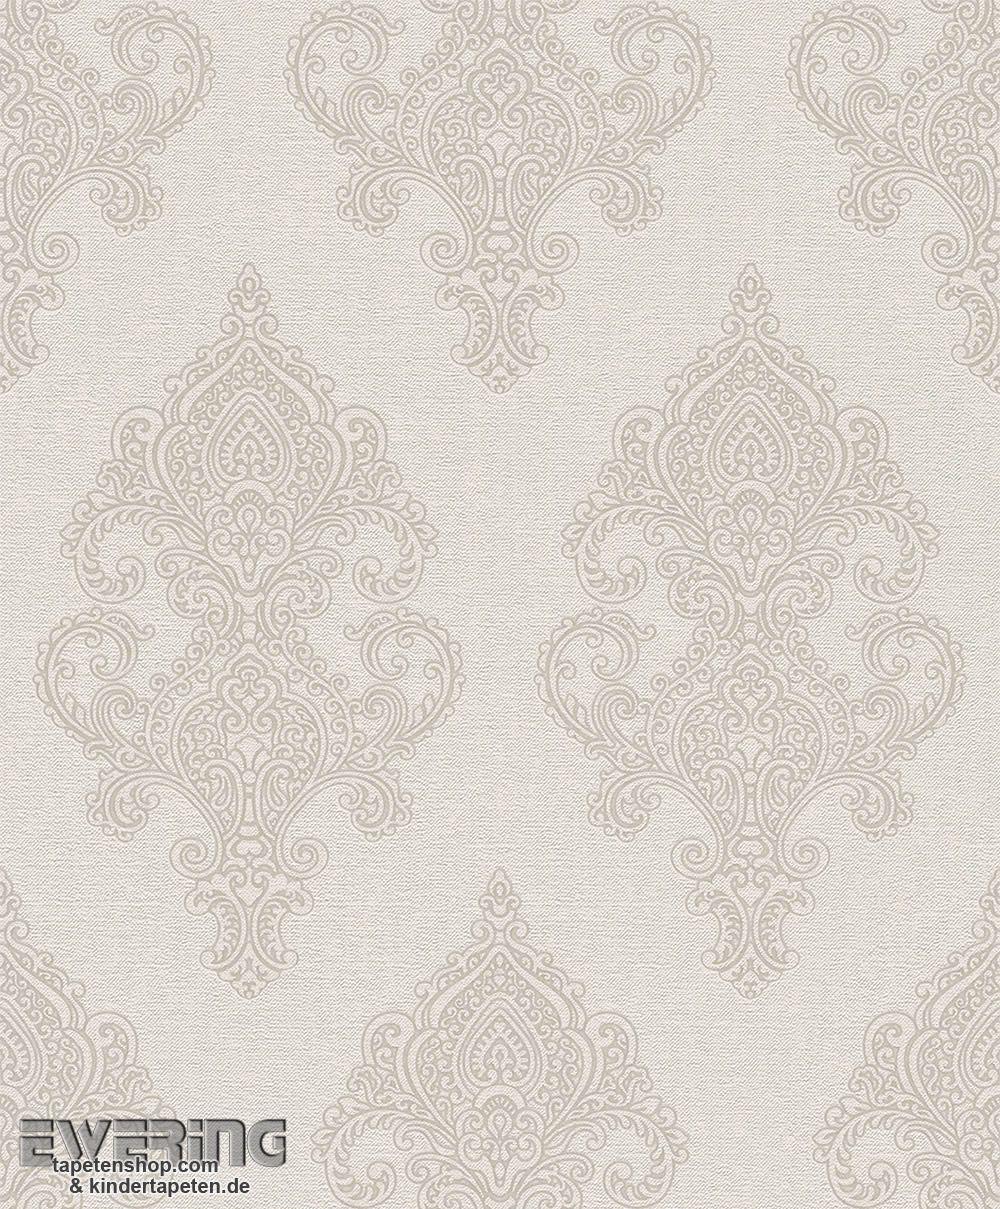 23 225708 Amira Rasch Textil Hell Beige Ornament Vlies Tapete